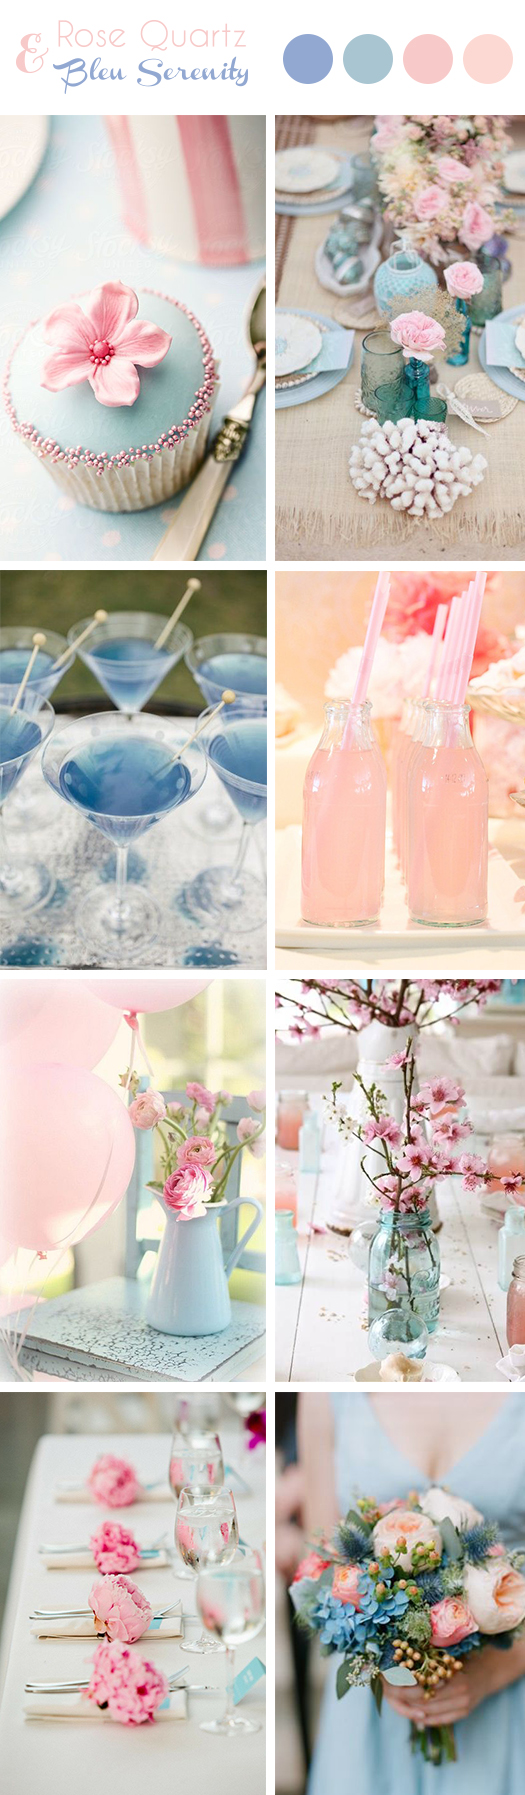 Couleurs Pantone 2016 D Coration De Mariage Rose Et Bleu Pantone